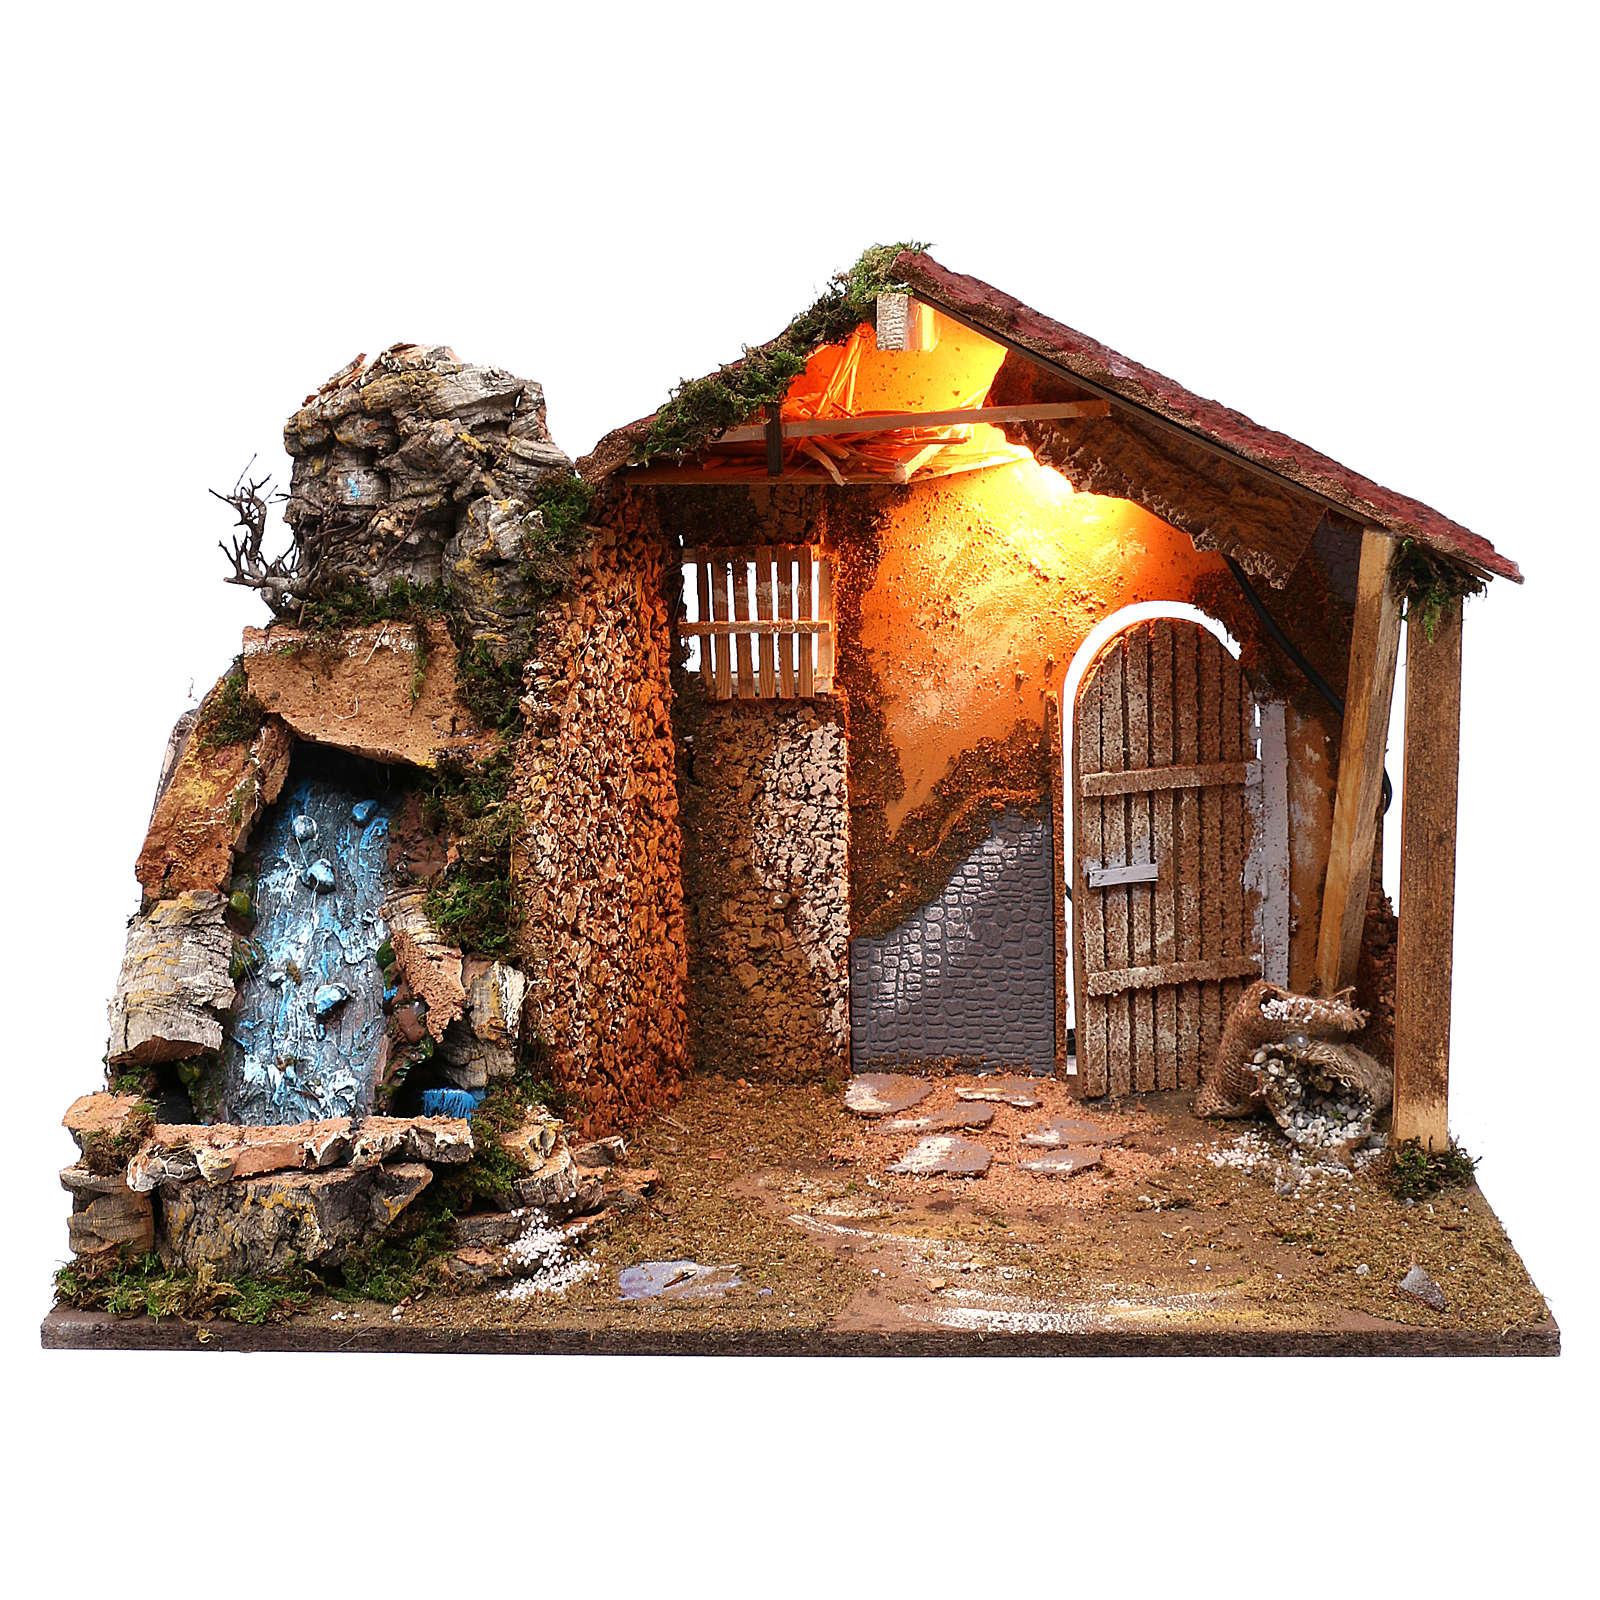 Cabane toit en pente rouge chute d'eau électrique 45x60x35 cm pour crèche 8 cm 4